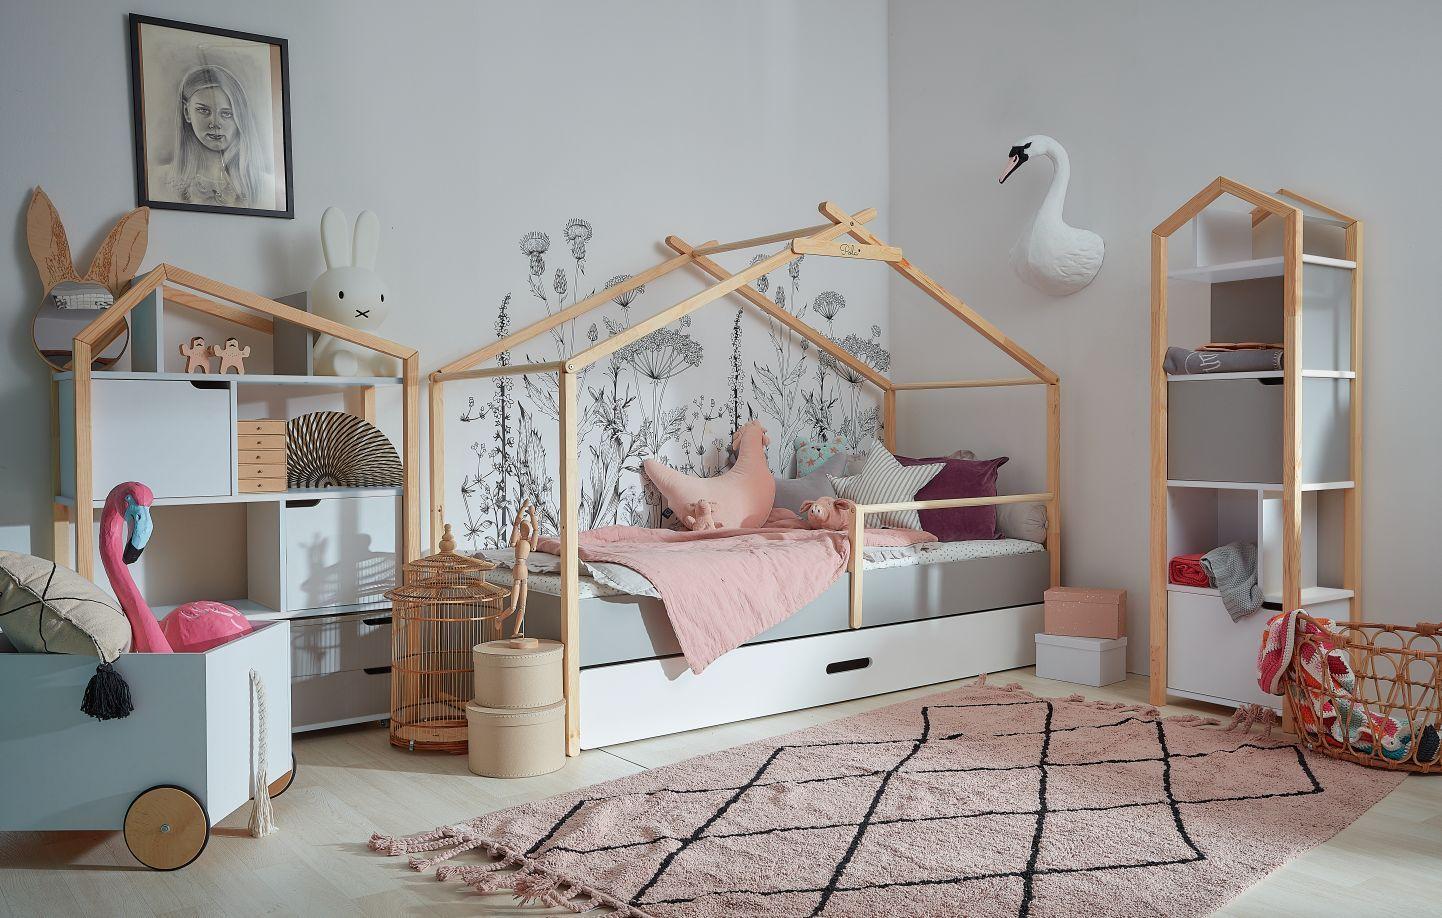 Hausbett TeePee Bett in 2020 Bett ideen, Ausziehbares